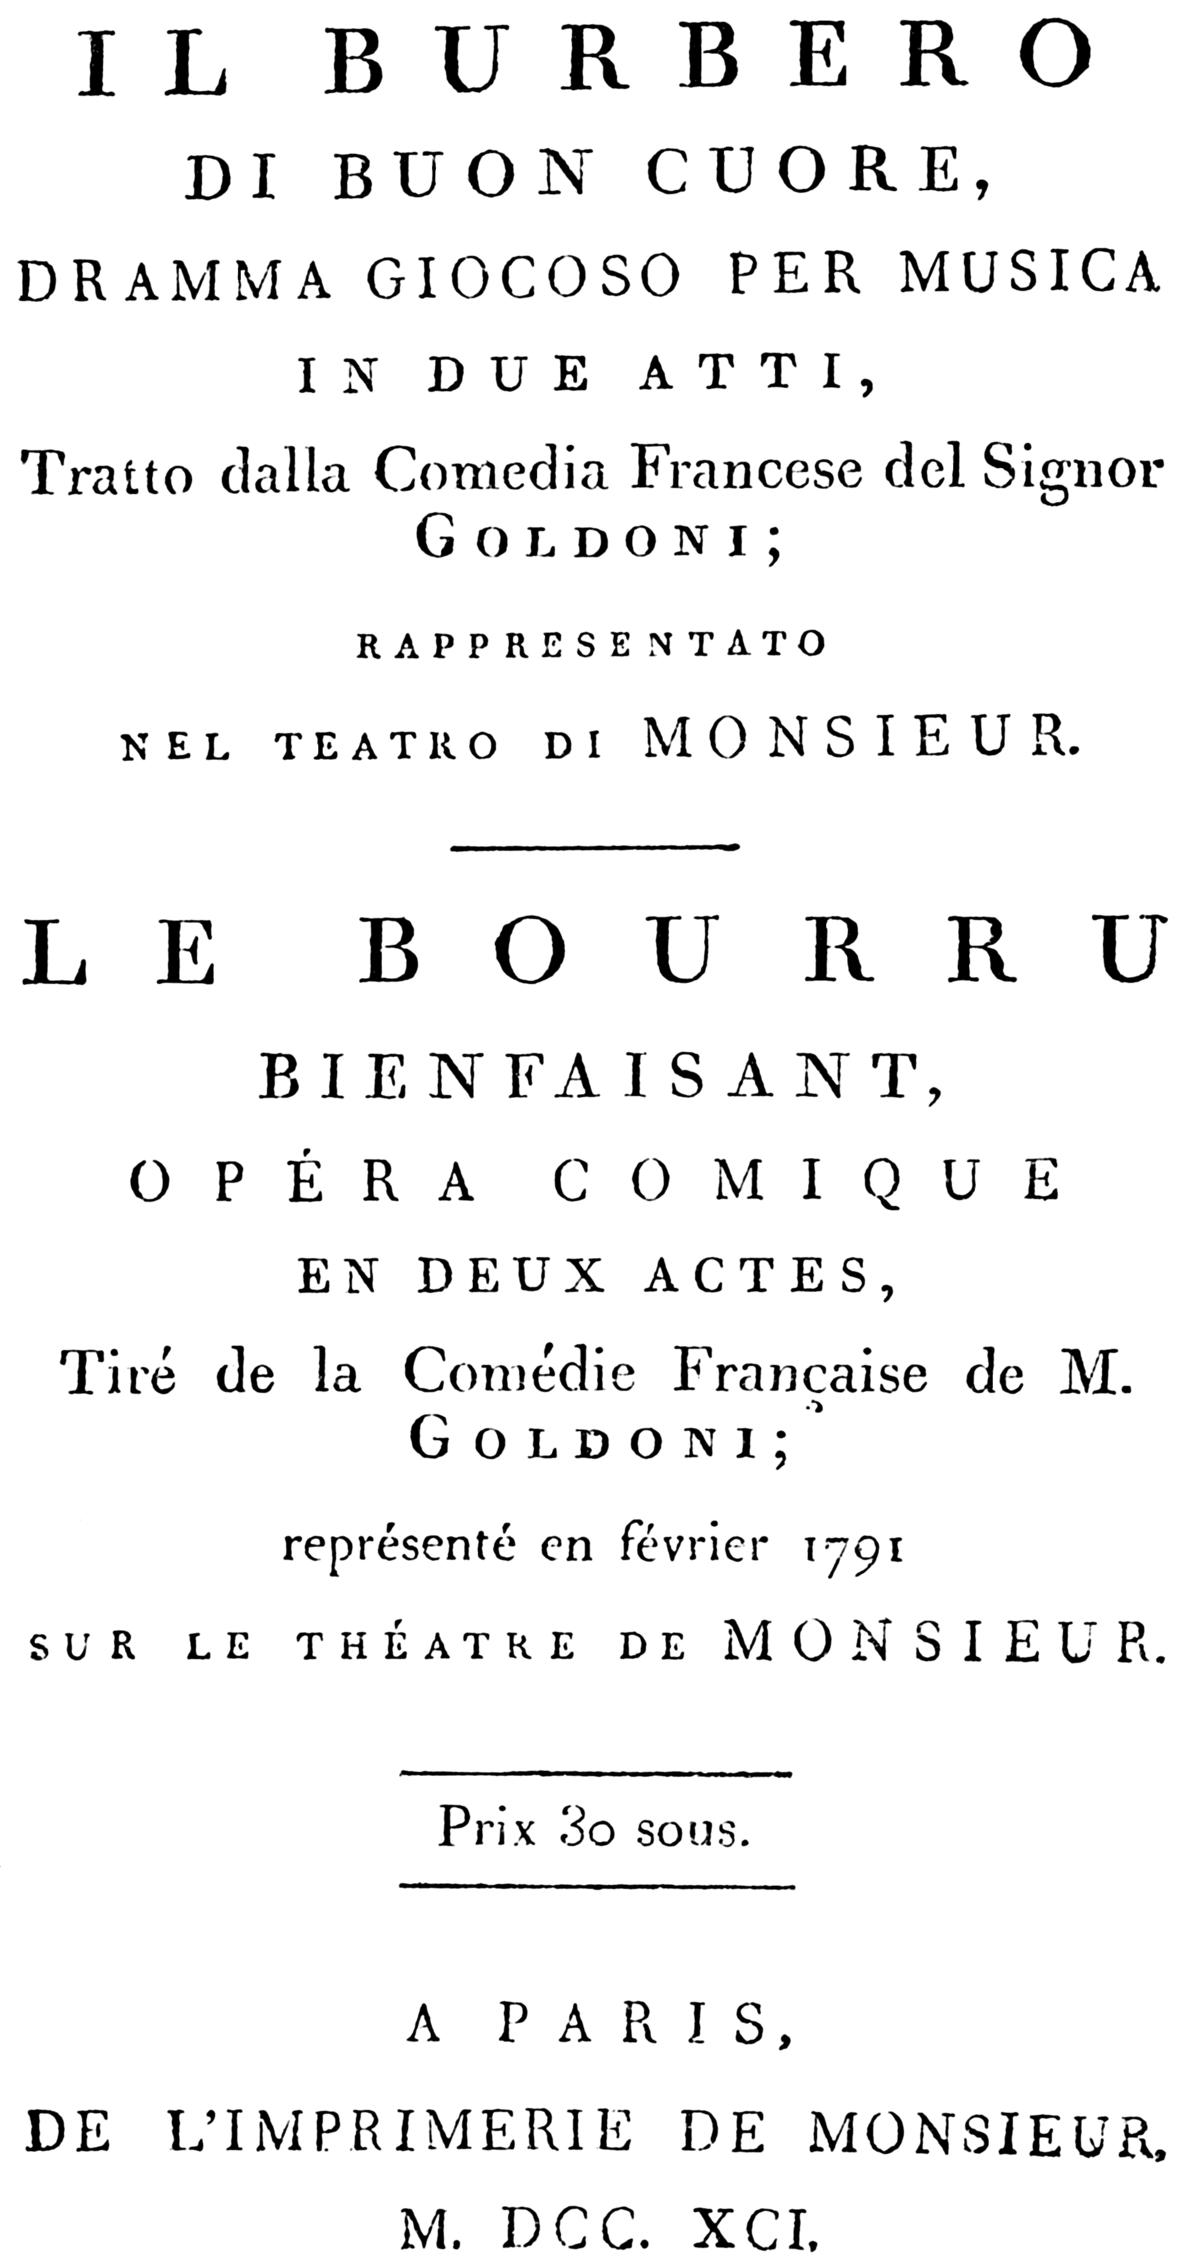 File:Vicente Martín y Soler - Il burbero di buon cuore - Paris ...